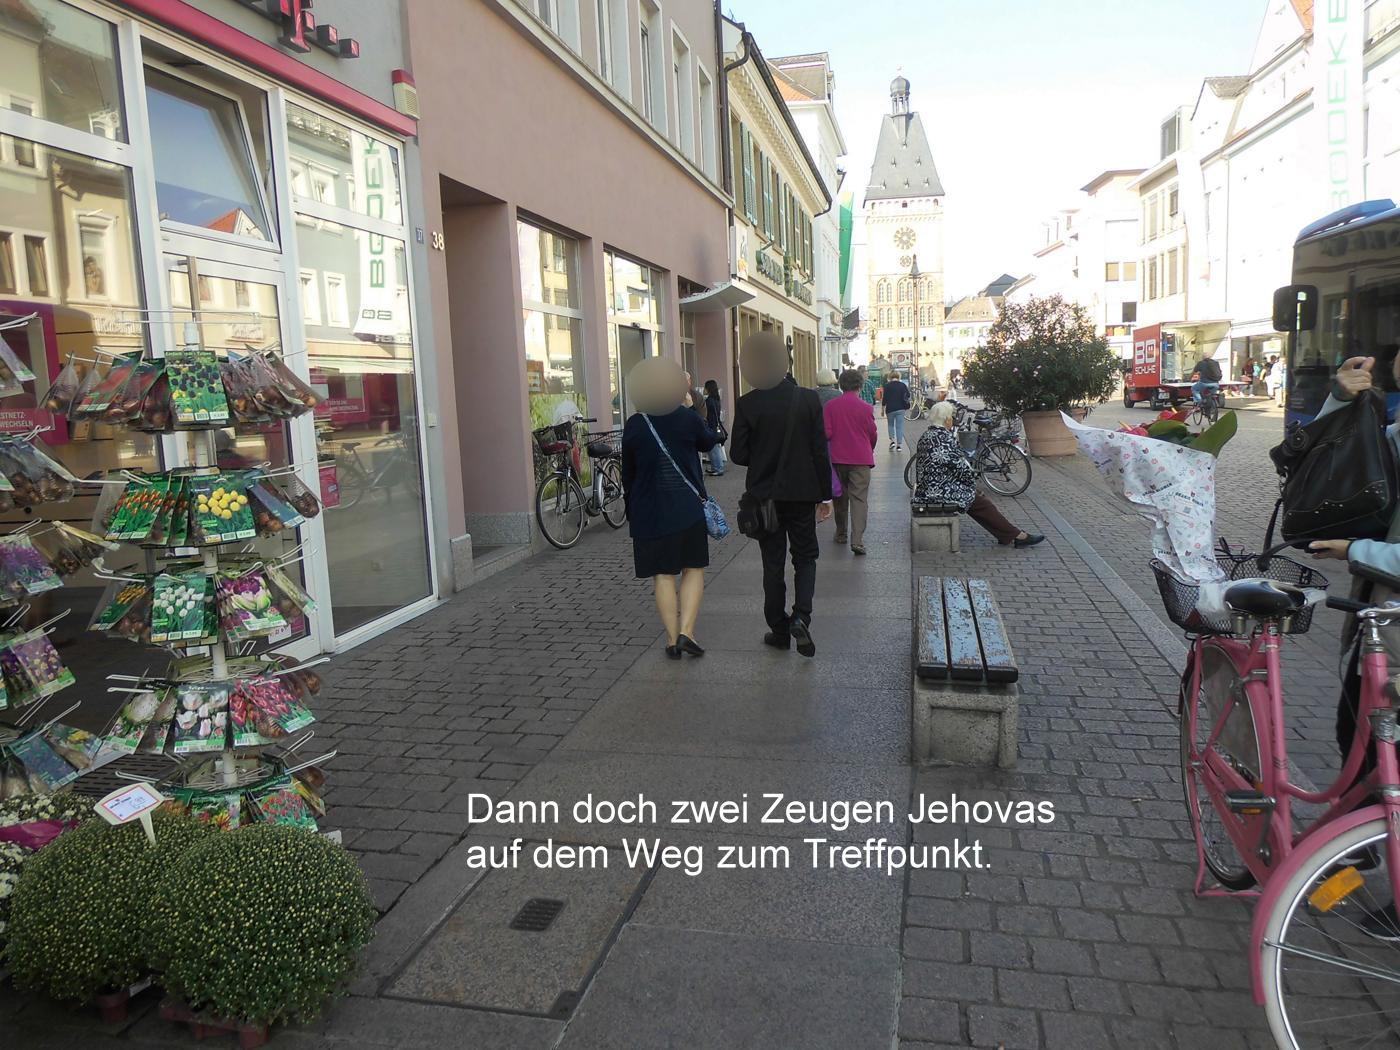 jehovas Zeugenschauplätze Haken Licht 3-Wege-Schalter